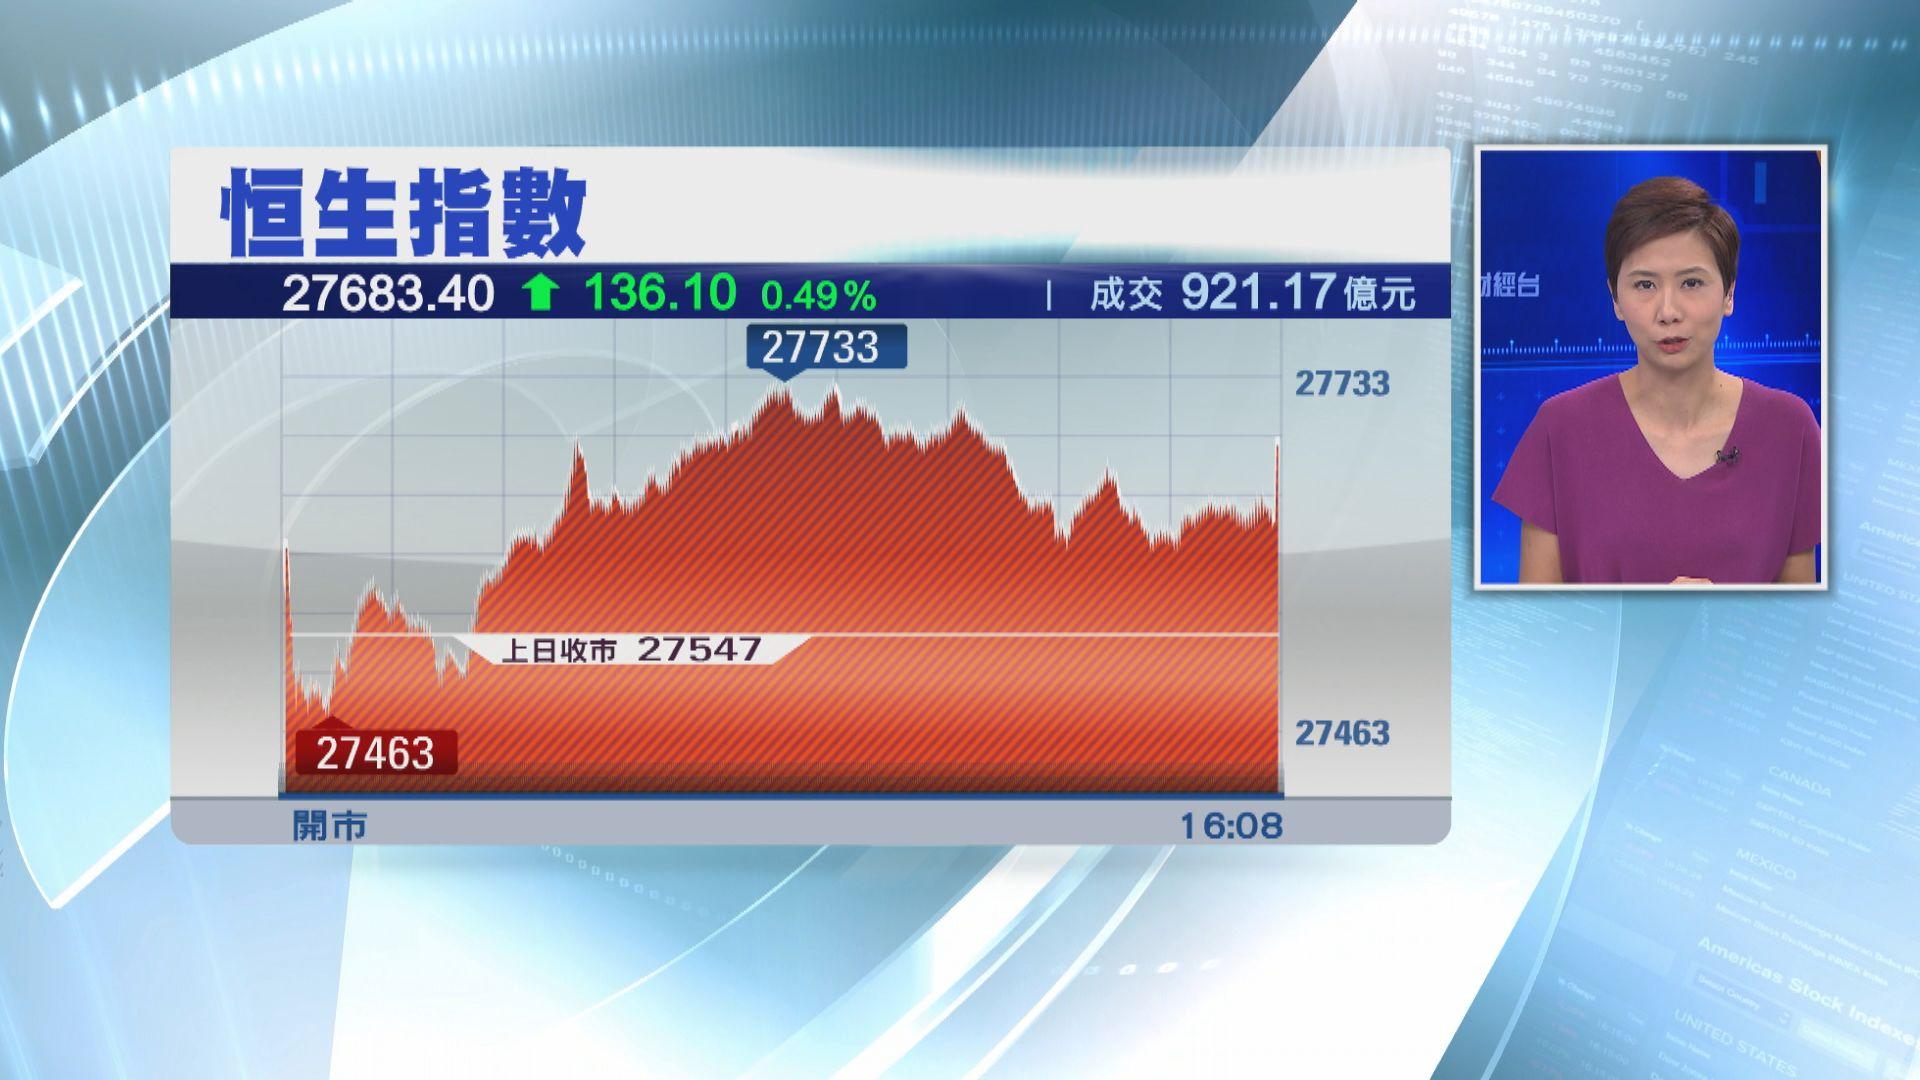 【連升四日】恒指升136點 中海外升4%